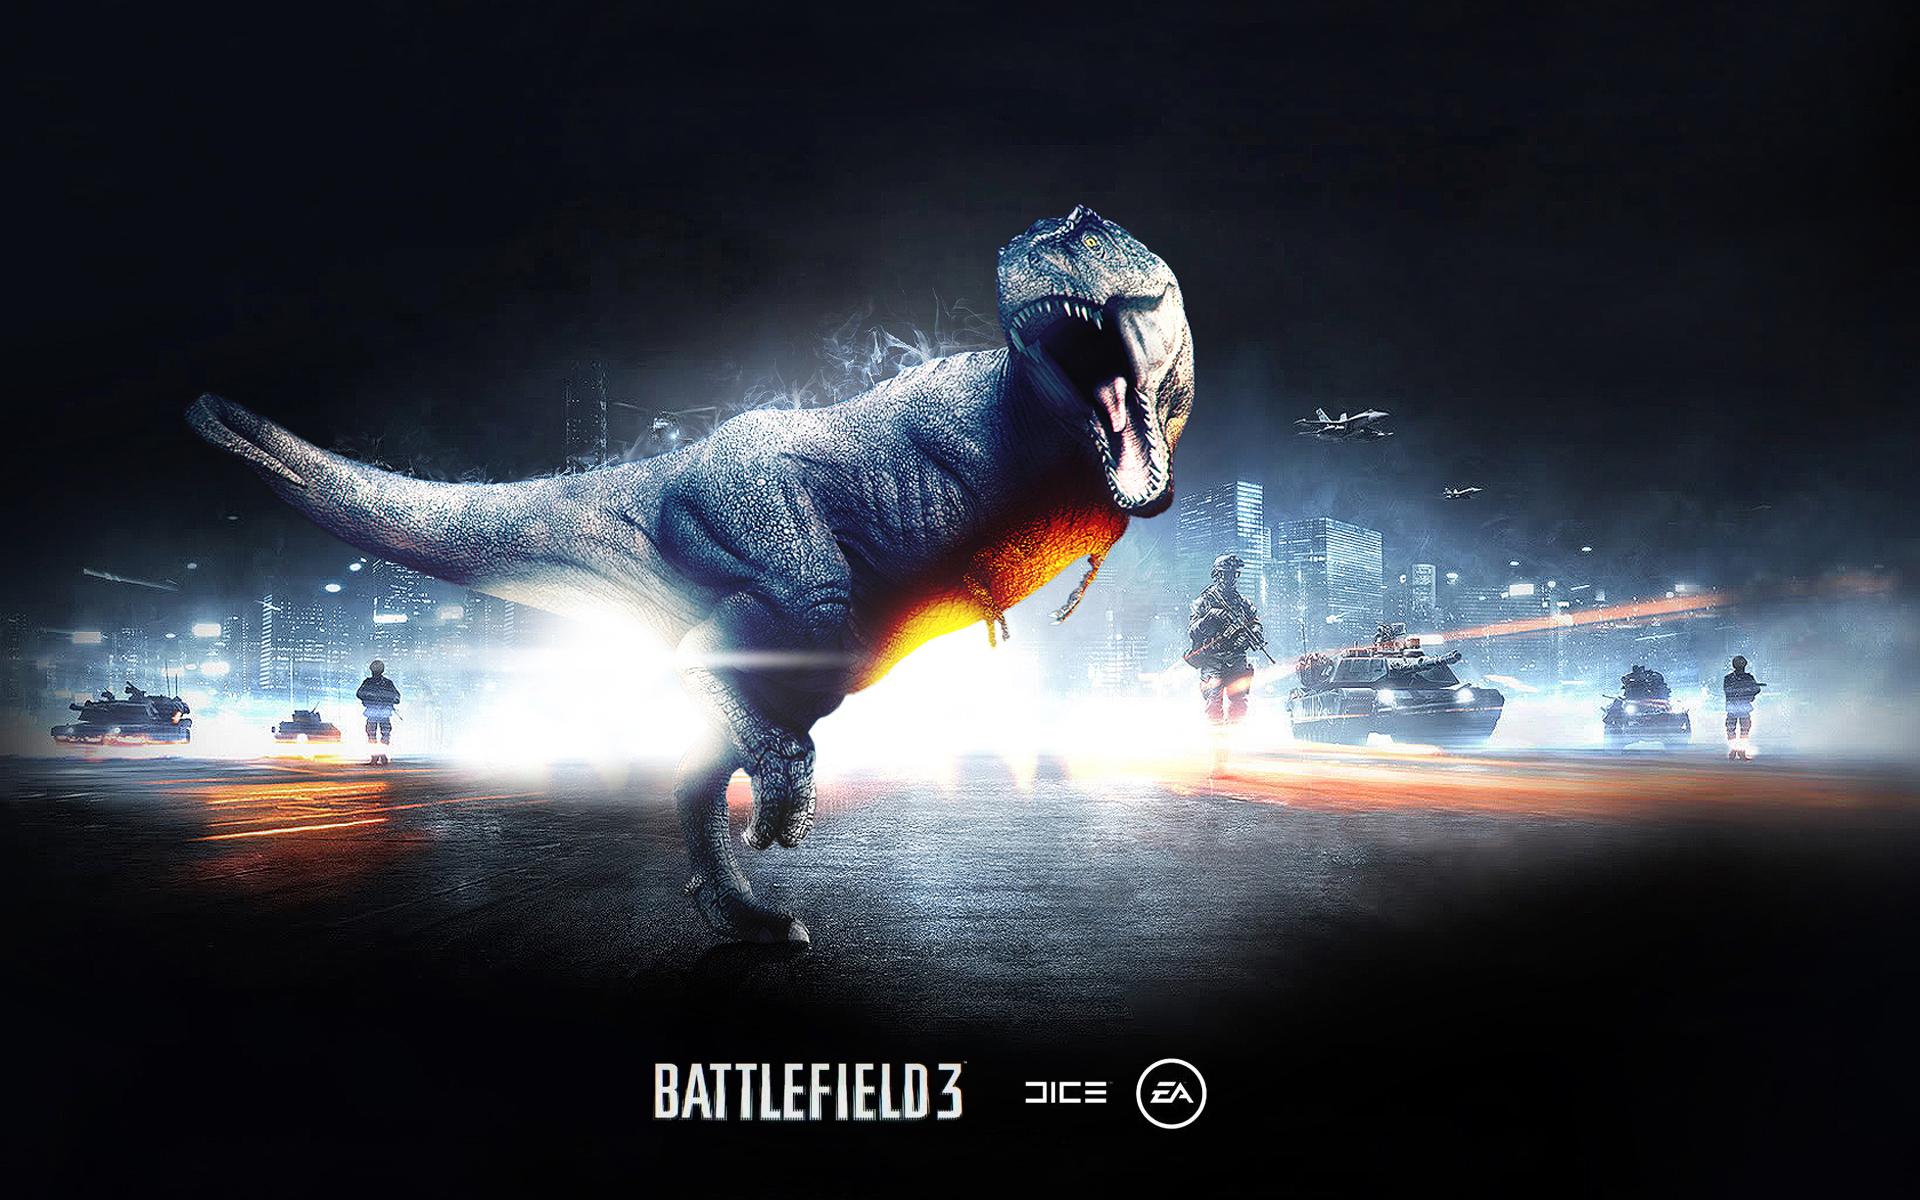 Battlefield 3 Dinosaur Mode Wallpapers HD Wallpapers 1920x1200